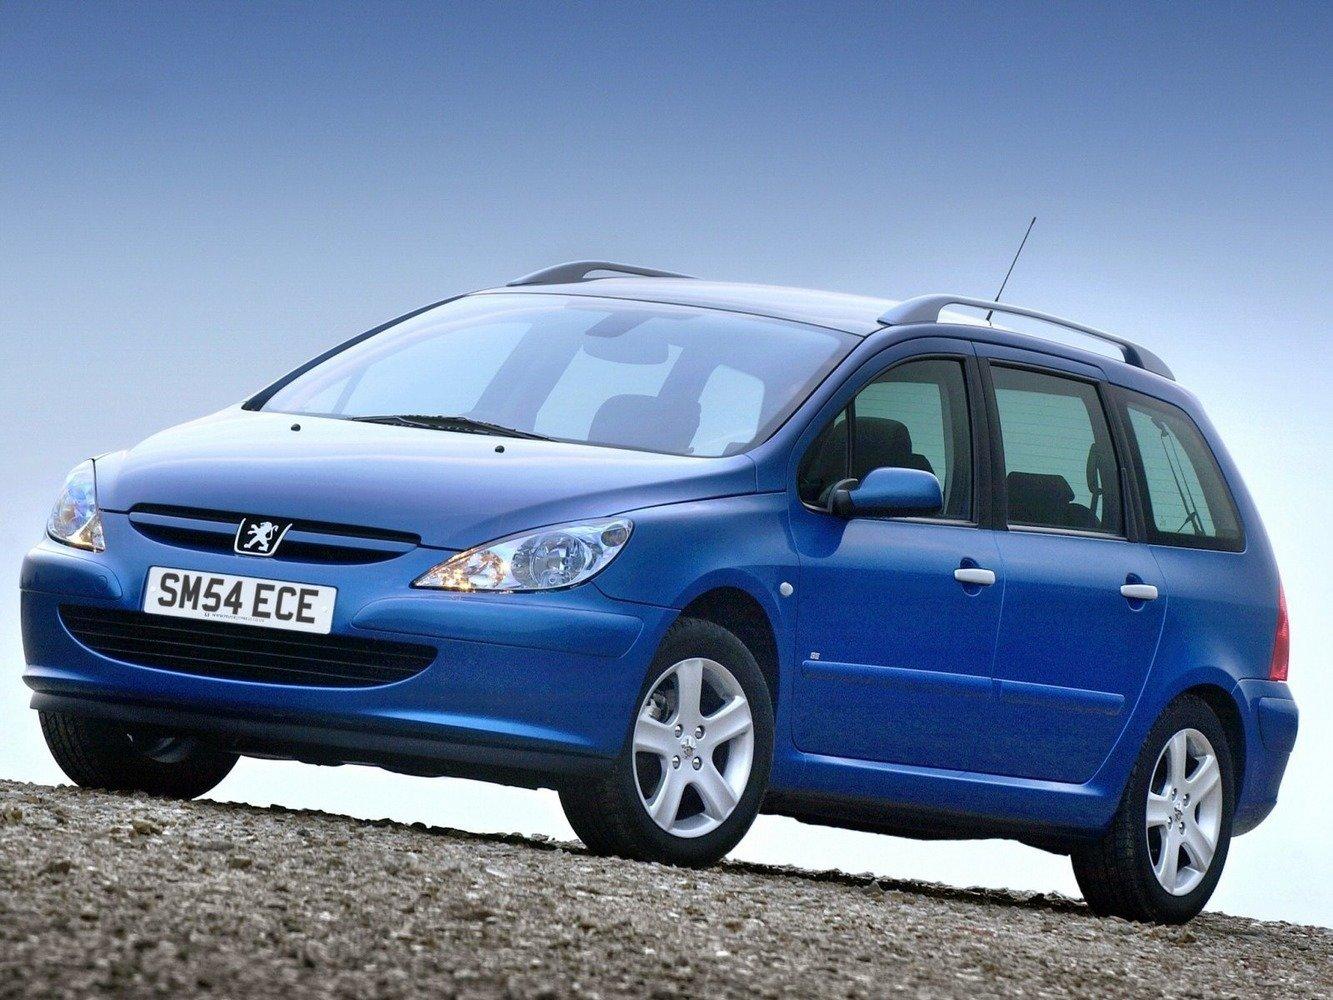 Peugeot 307 1.6i ME7.4.4 0261206943 1037371551